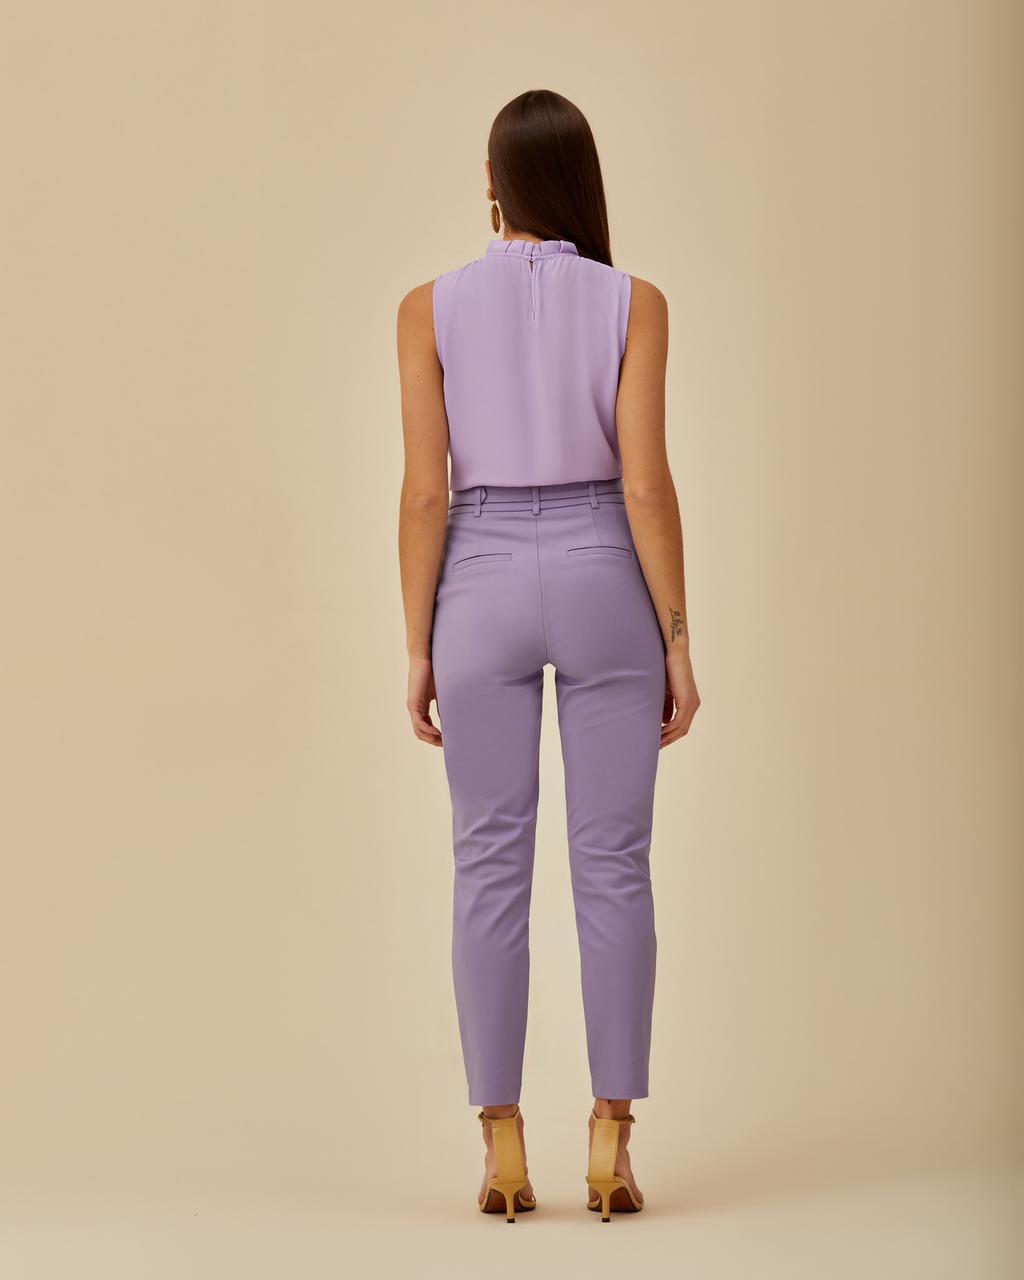 Calça Unique Skinny Cinto Mesclado 3% Elastano